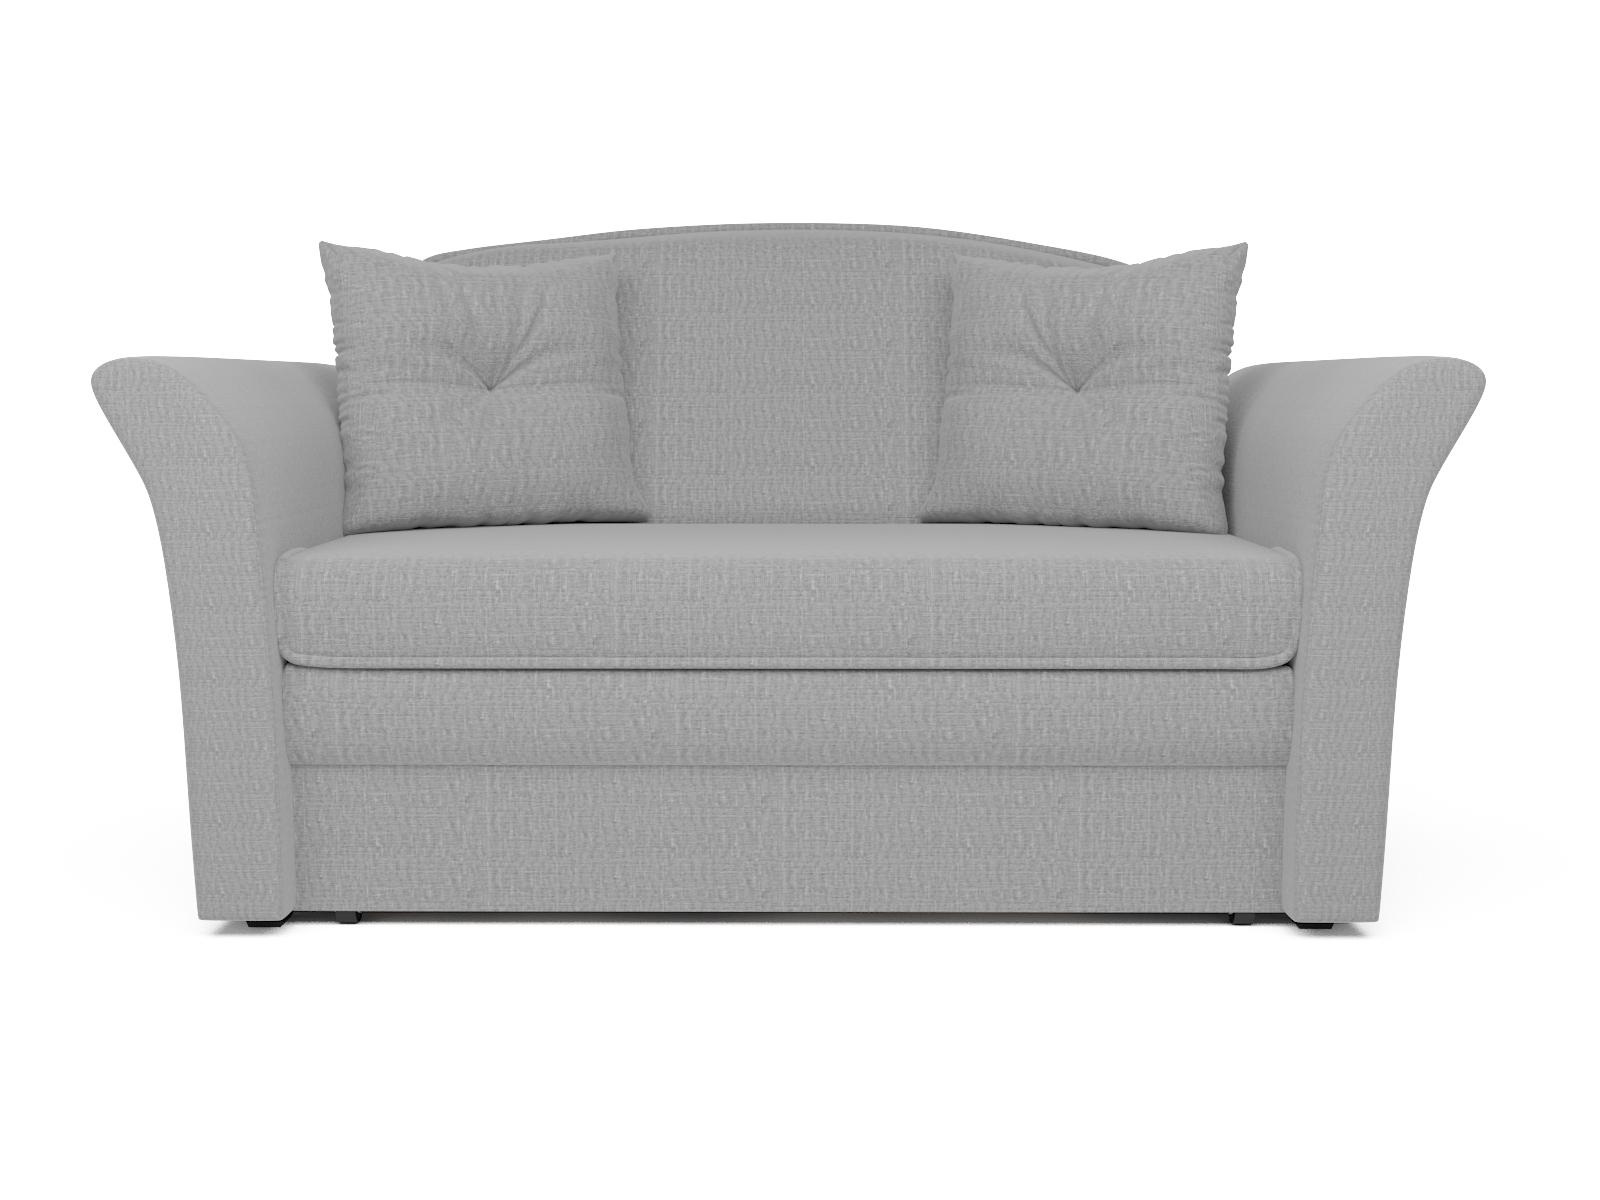 Фото - Диван Малютка 2 MebelVia , Серый, Рогожка, Брус сосны диван малютка 2 mebelvia коричневый рогожка брус сосны